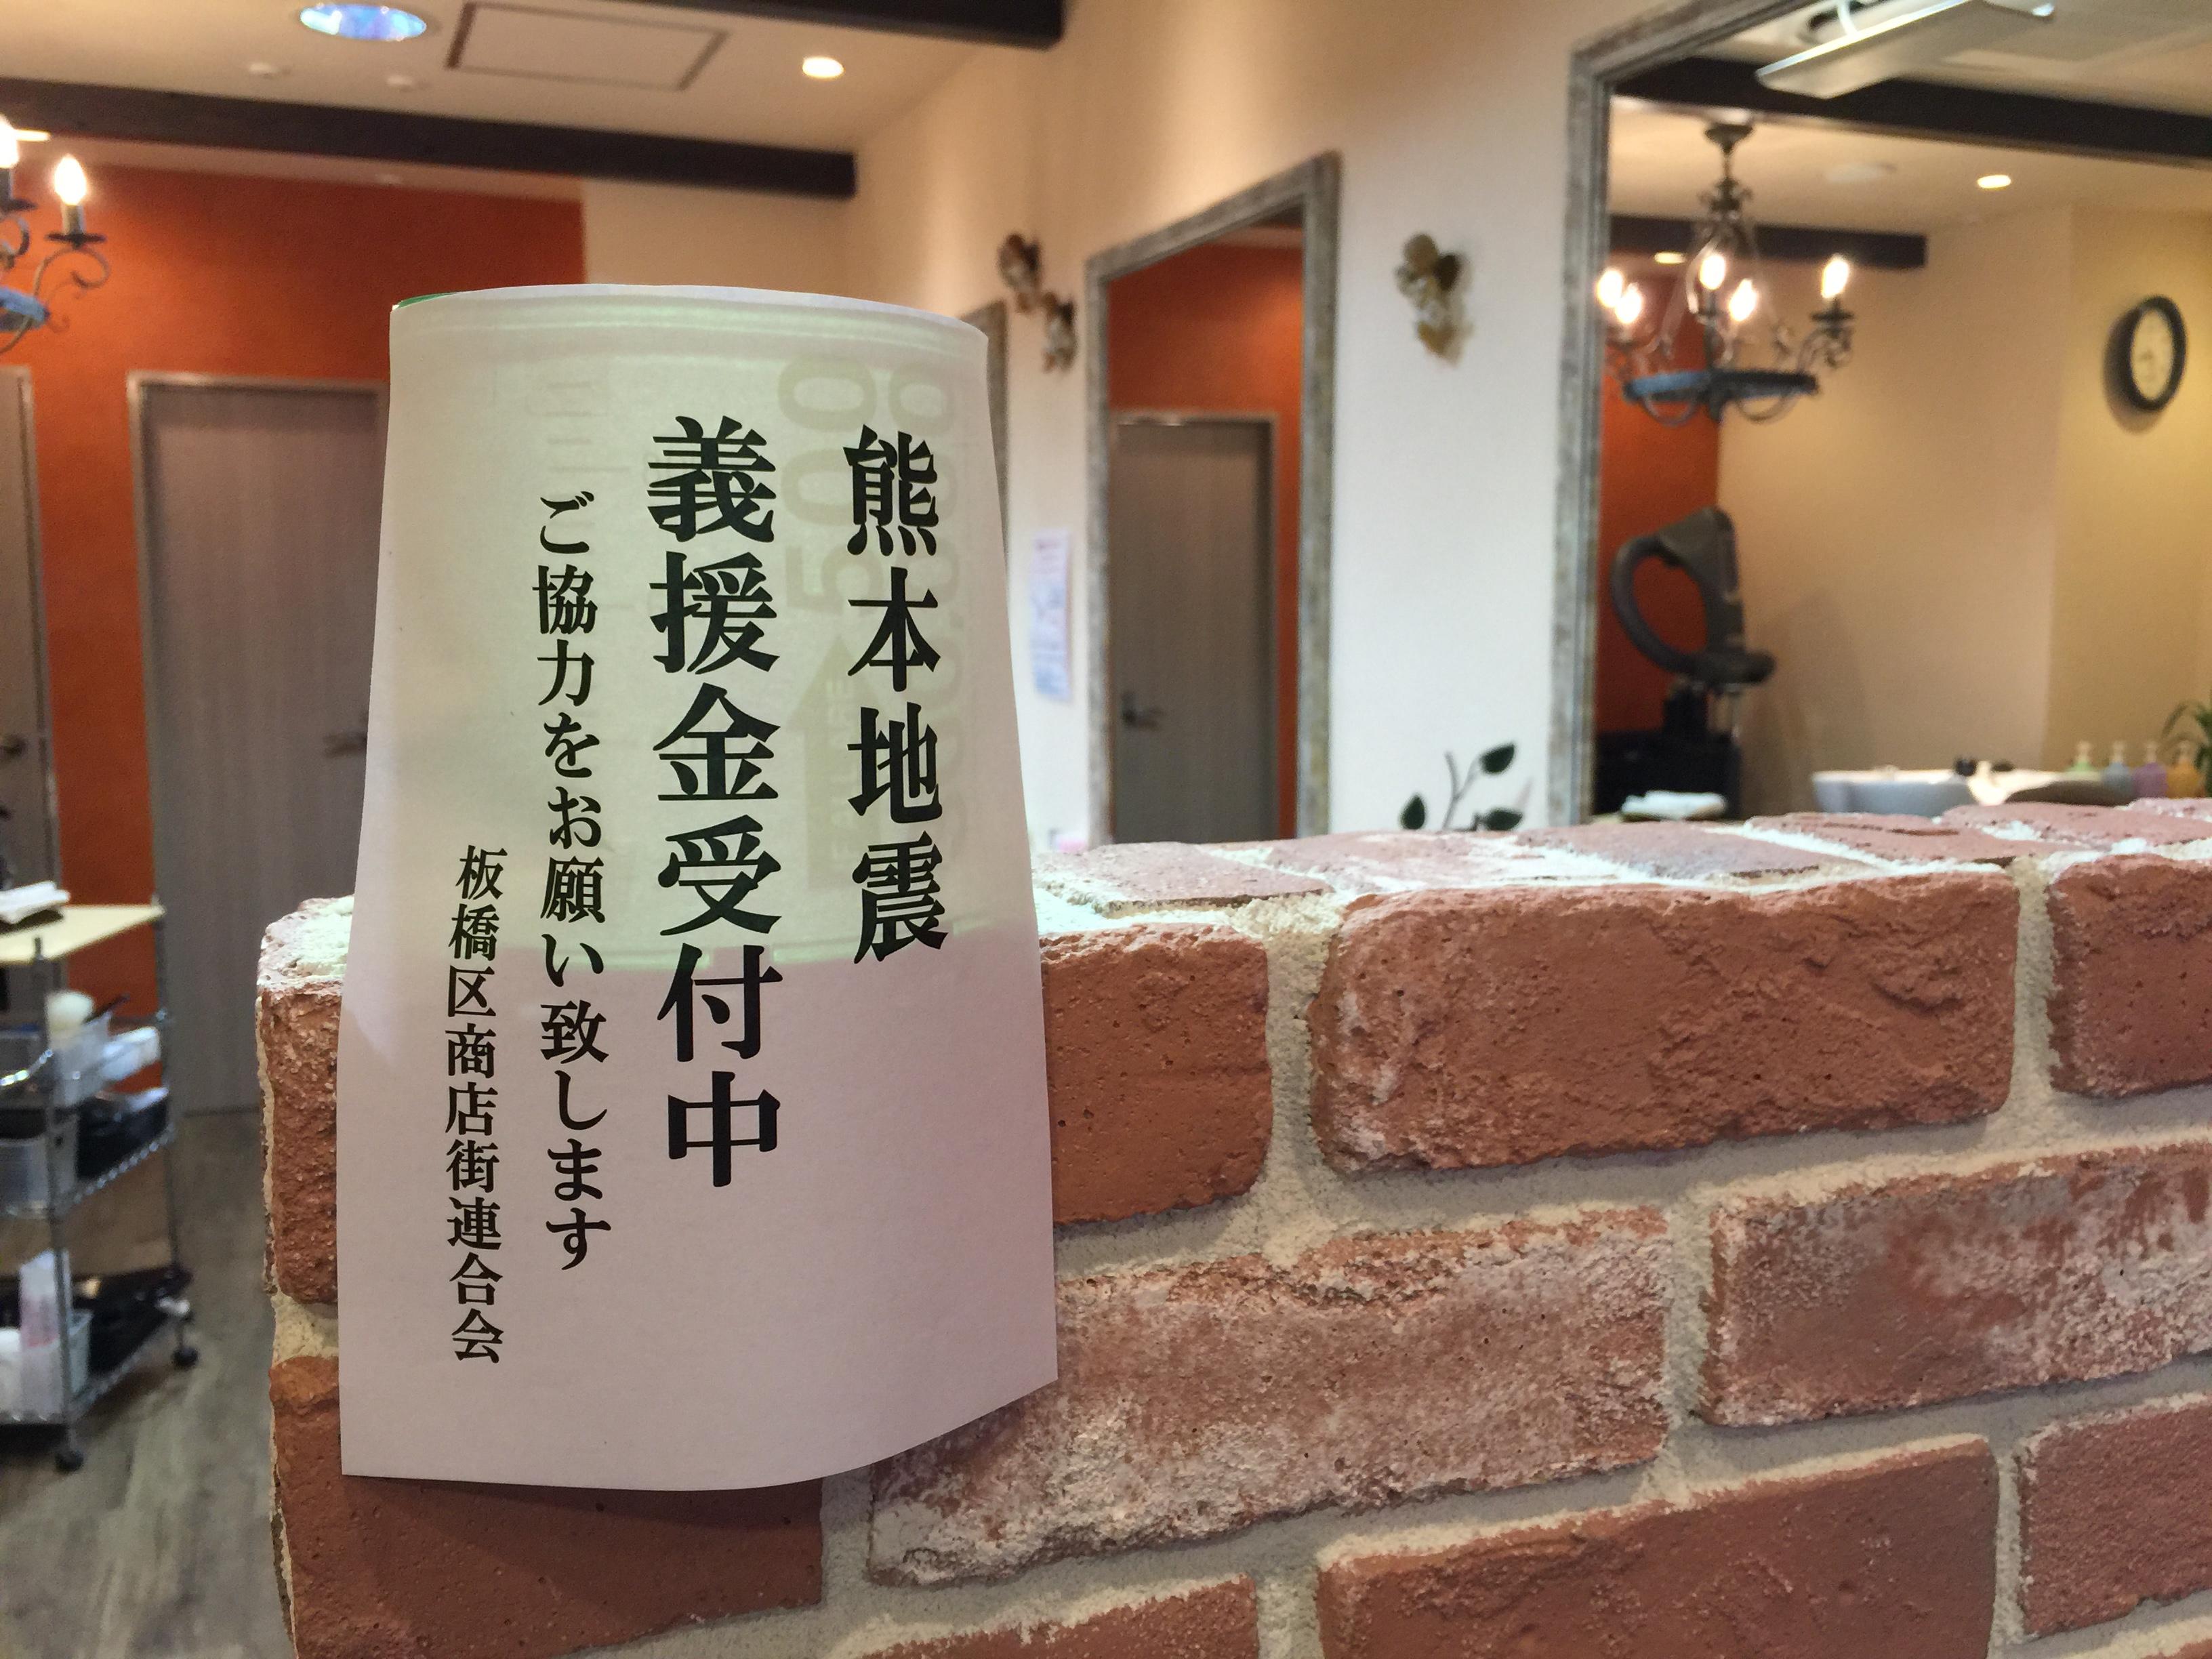 熊本地震の義援金受付中